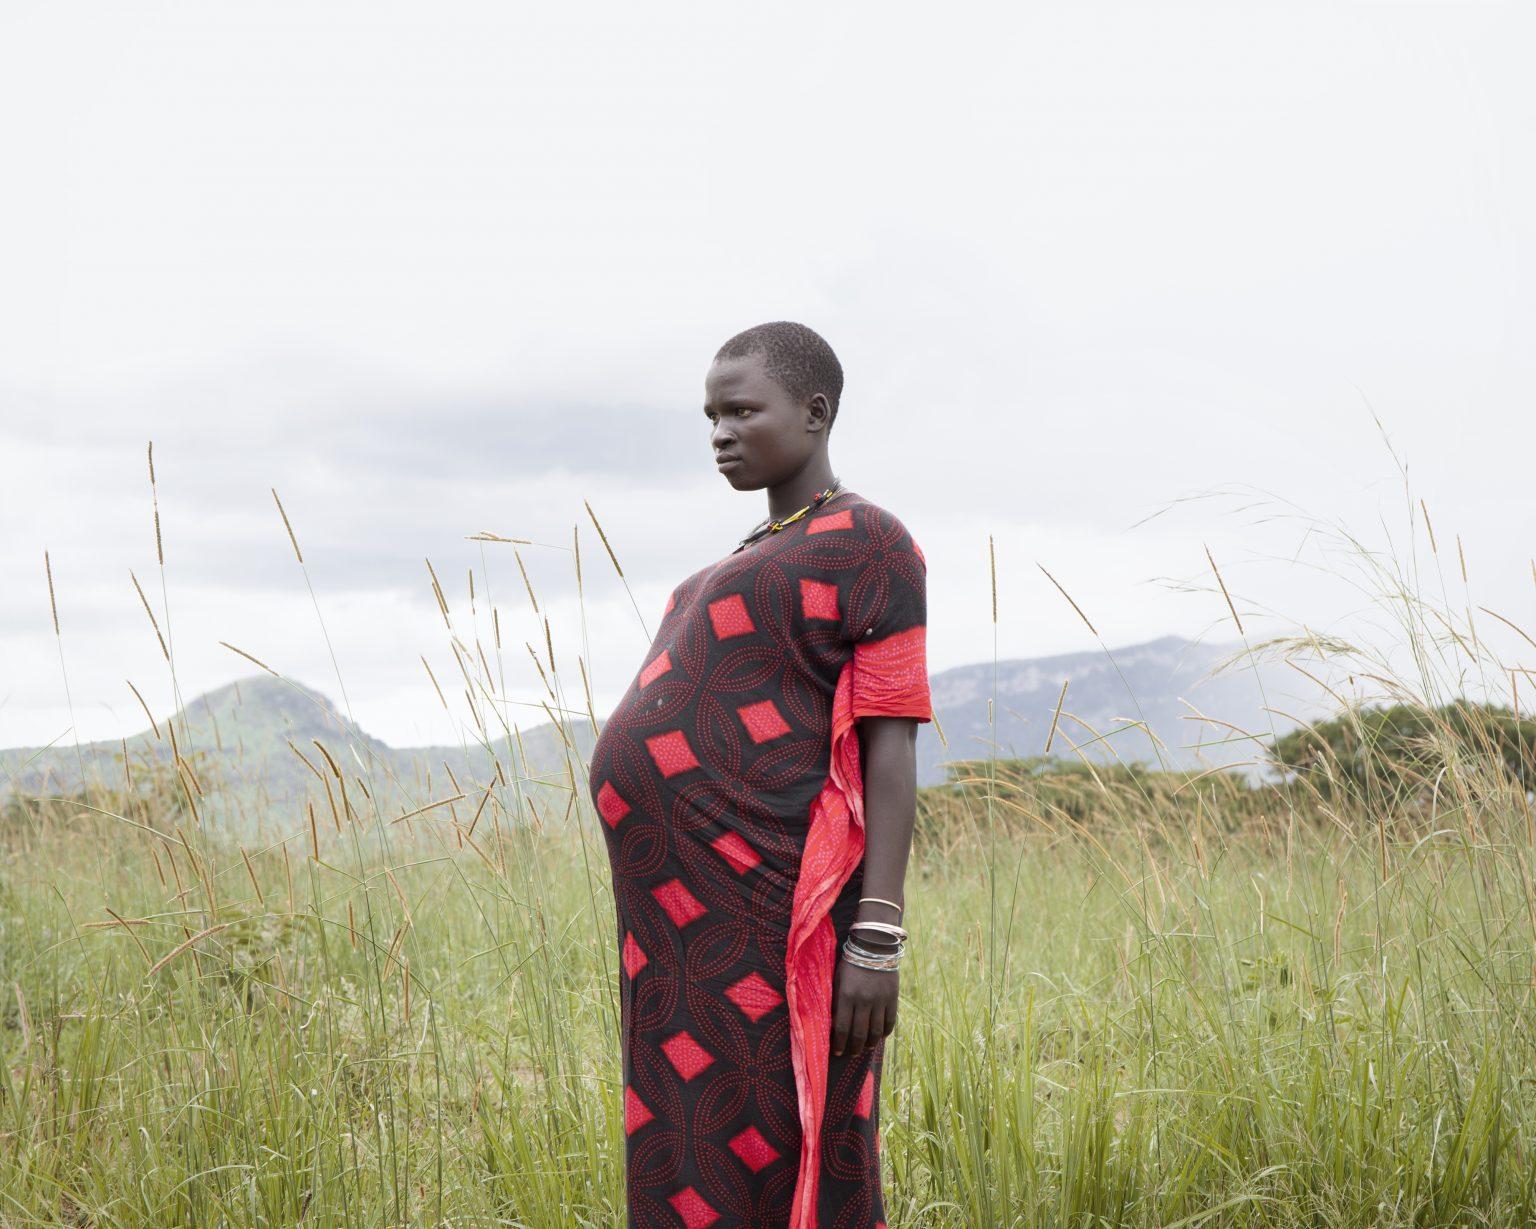 Karamoja region (Uganda). Agnes, 18, is at the end of her ninth month of pregnancy. Behind her, the landscape surrounding the village of Lorengechora. >< Regione della Karamoja (Uganda). Agnes, 18 anni, è alla fine del nono mese di gravidanza. Alle sue spalle, il paesaggio che circonda il villaggio di Lorengechora.